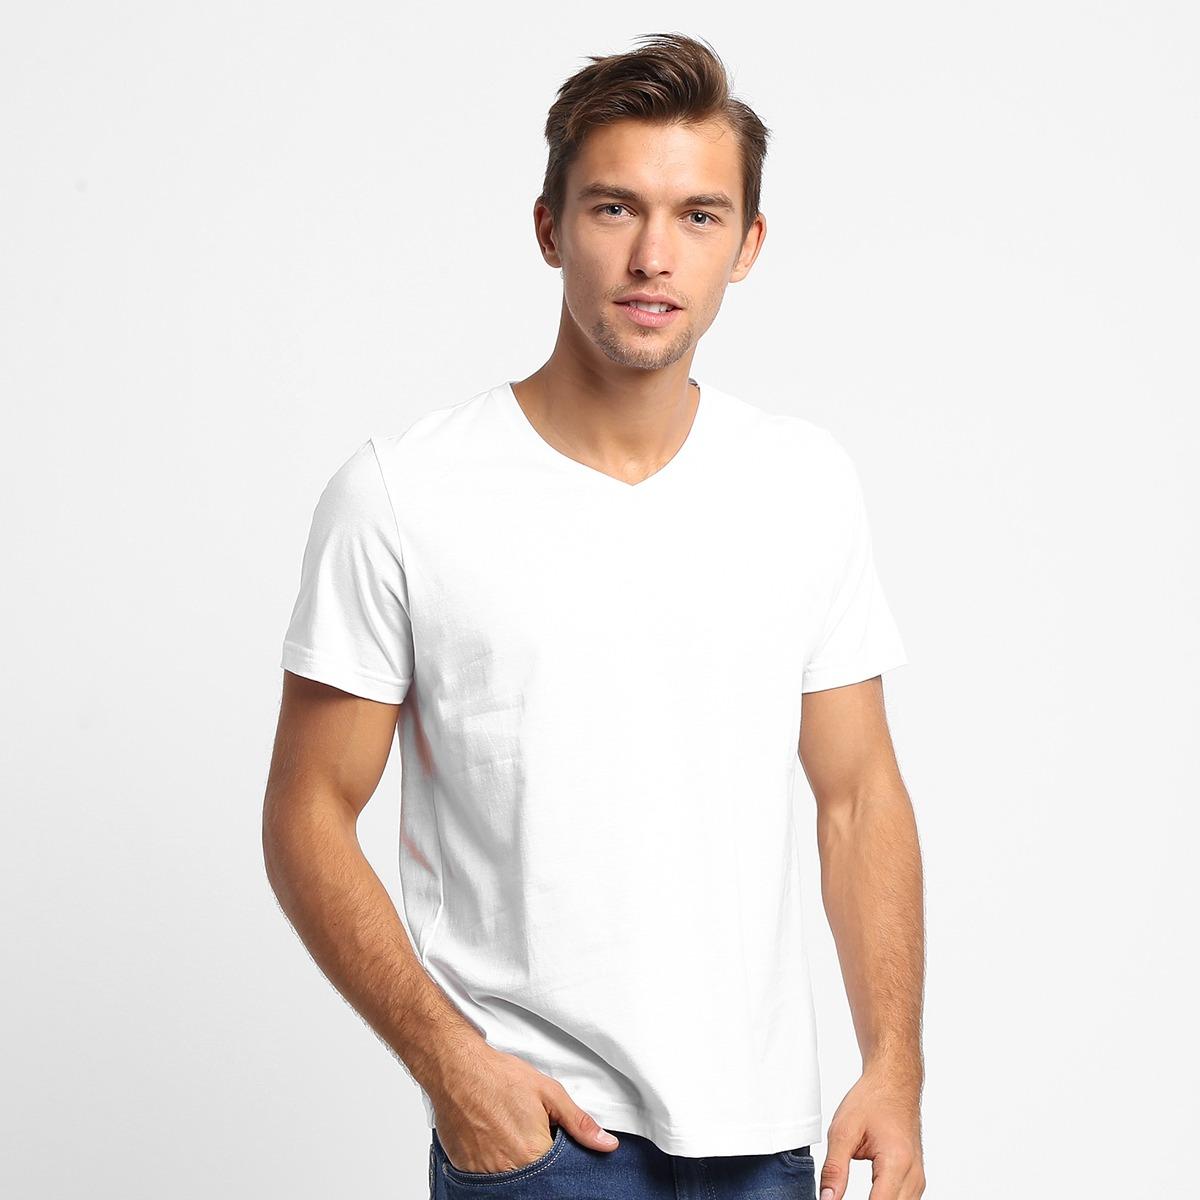 fdd4266c3 Camiseta Básica Masculina Gola V 100% Algodão Kohmar - R$ 25,90 em ...